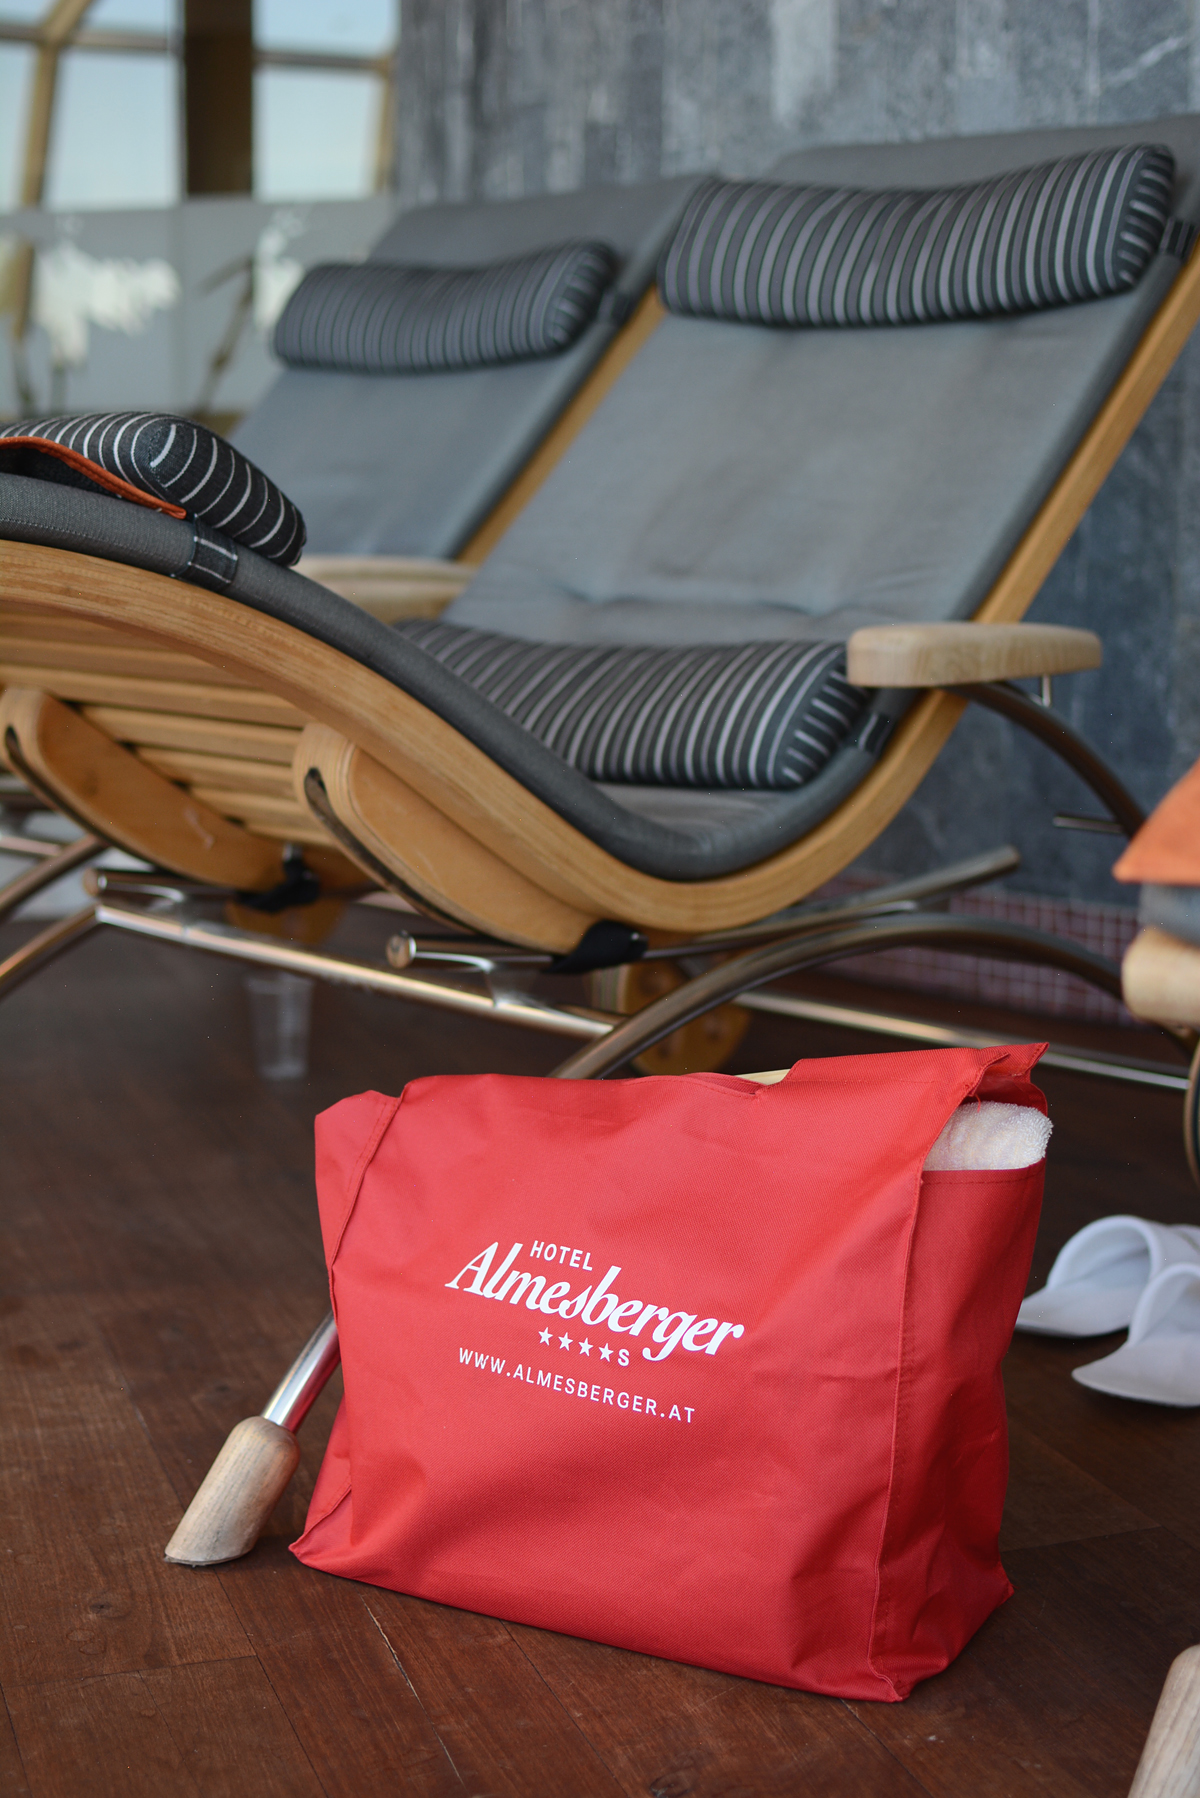 Wellnessurlaub im Almesberger Hotel |Pixi mit Milch